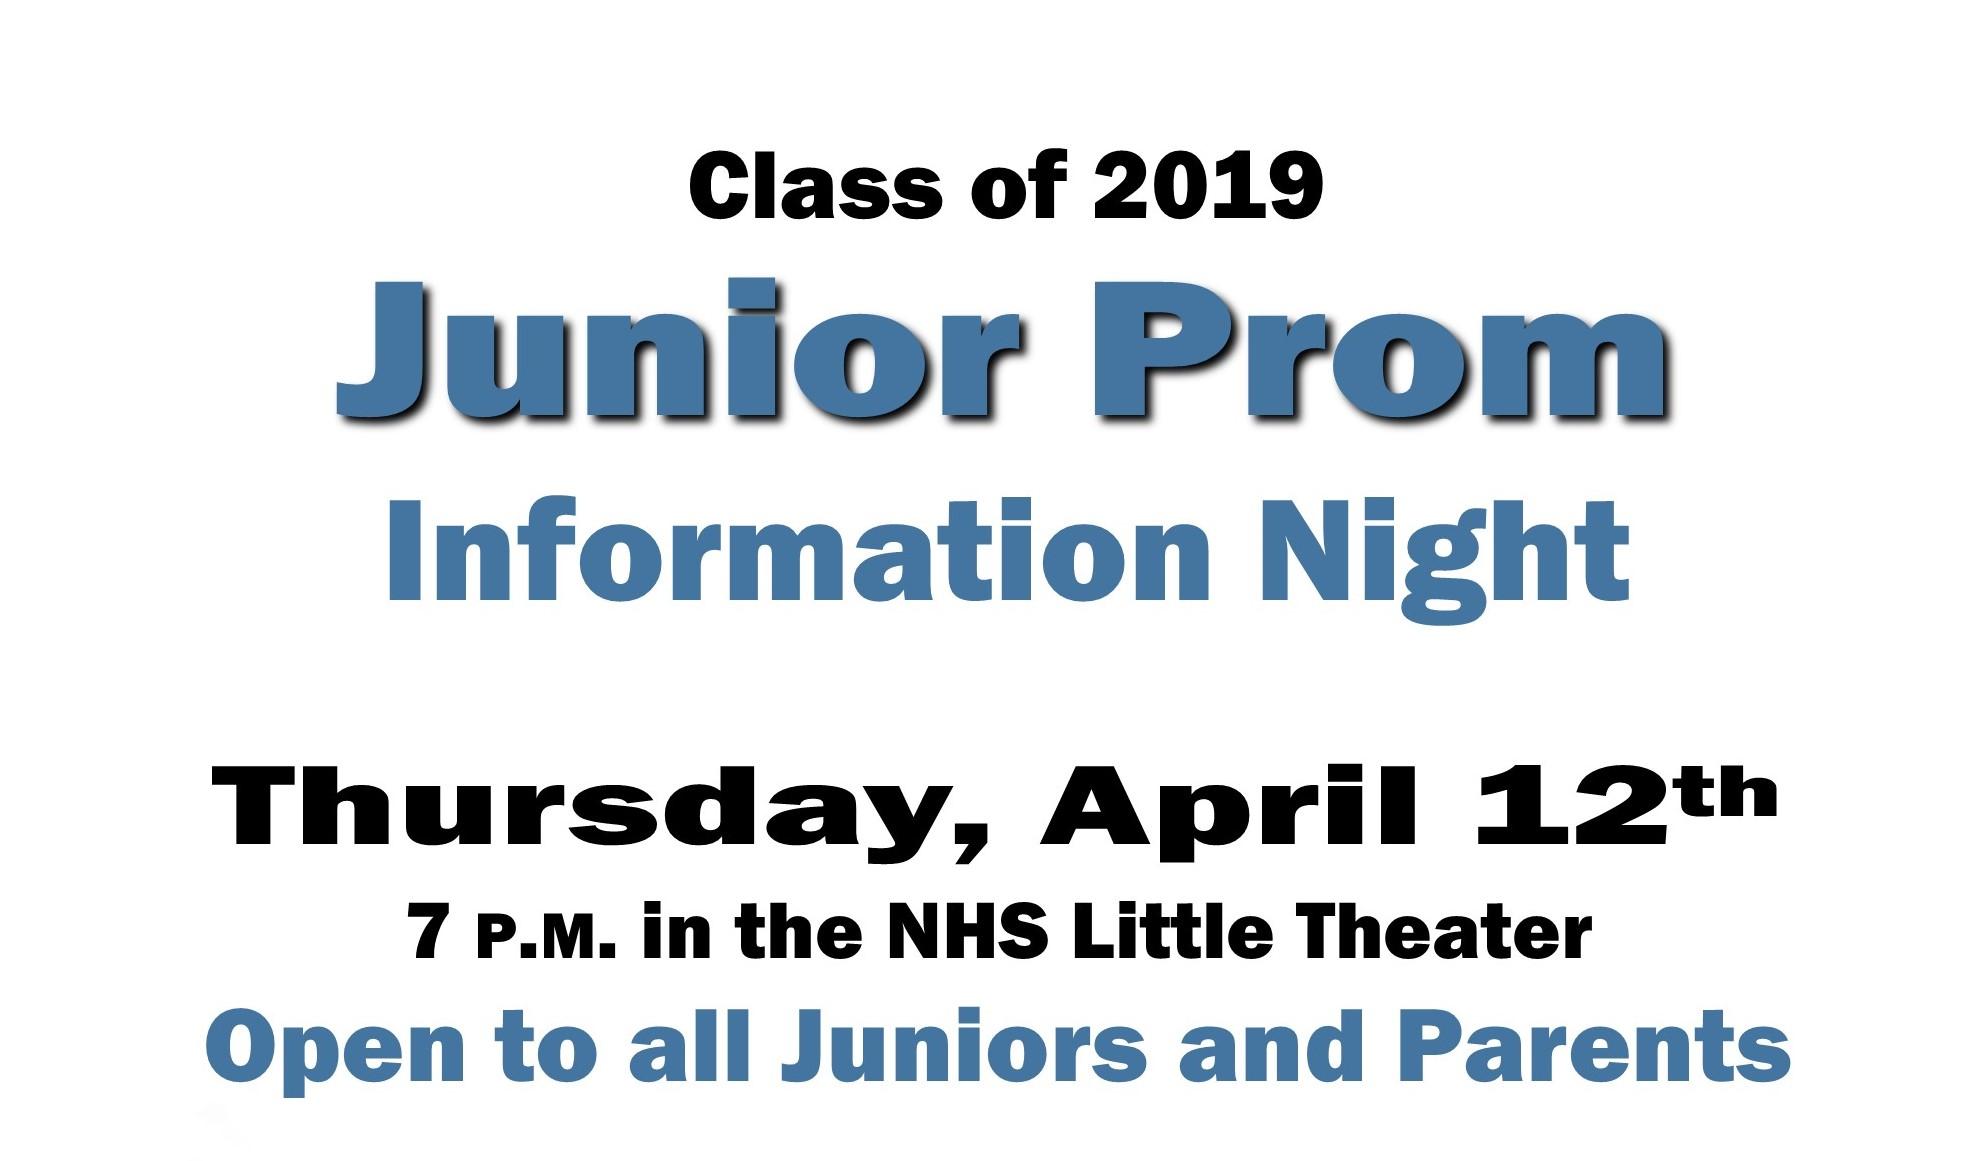 Class of 2019 Junior Prom Forum